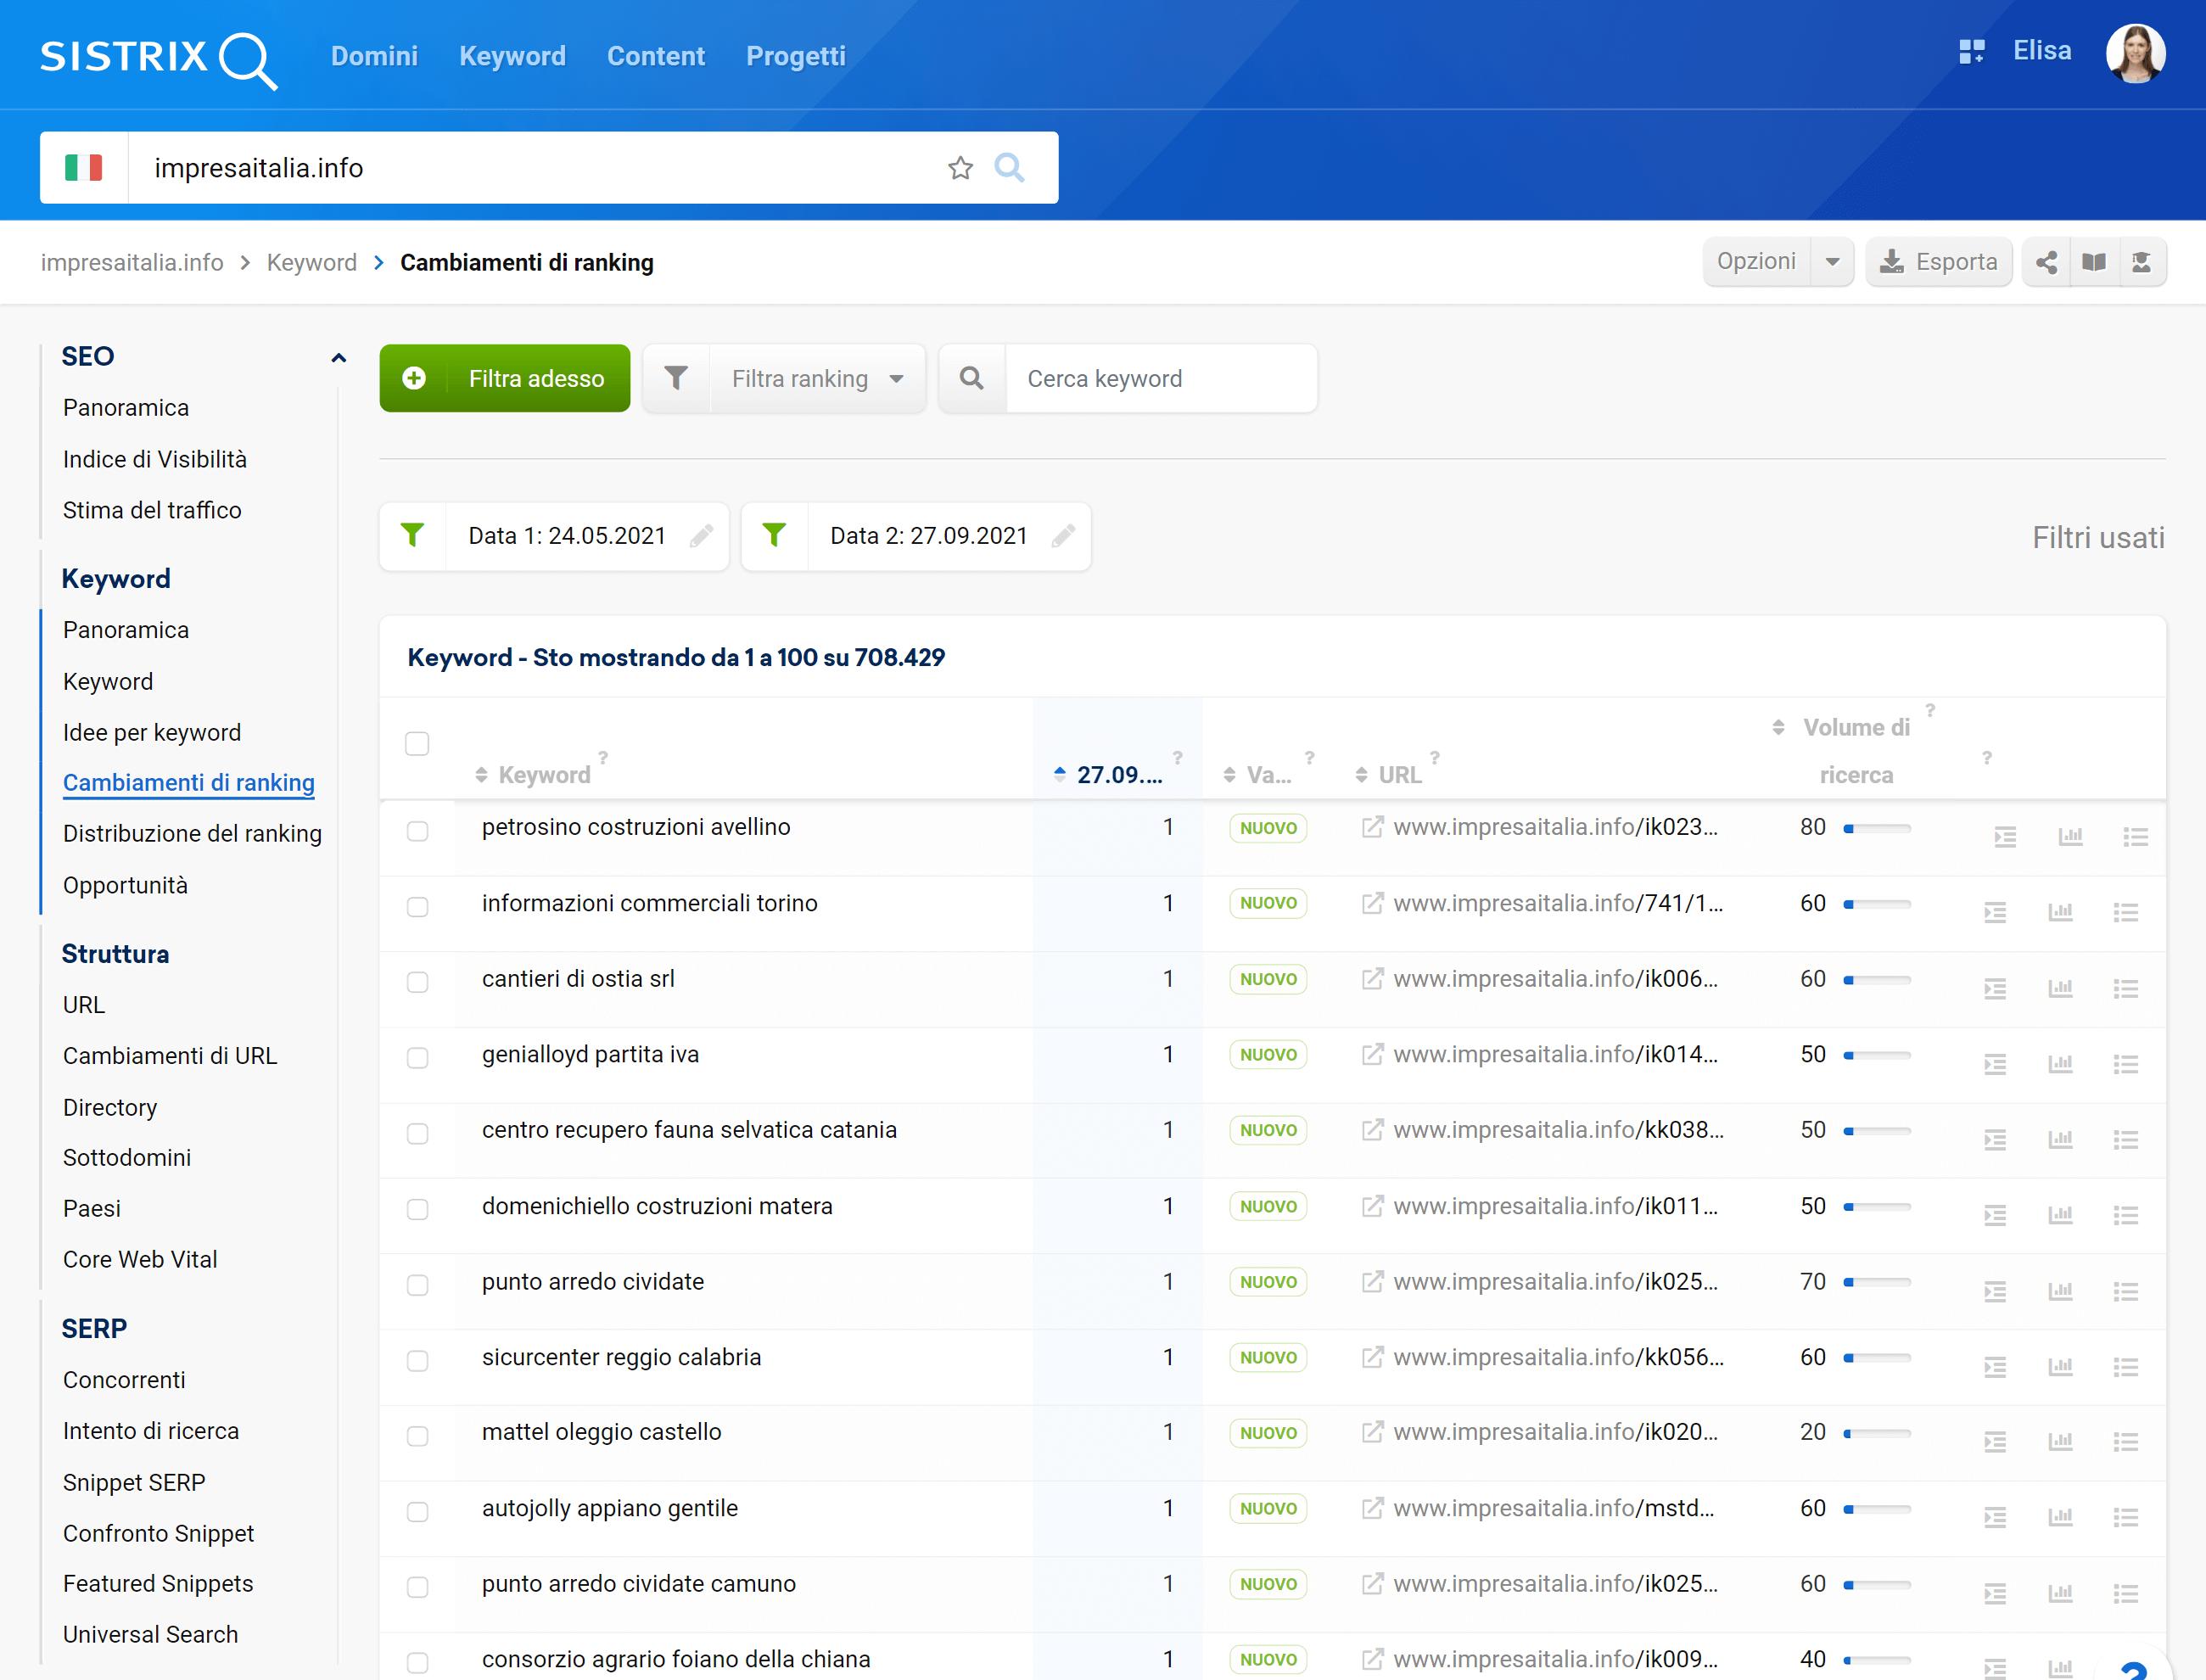 Nuove keyword di impresaitalia.info